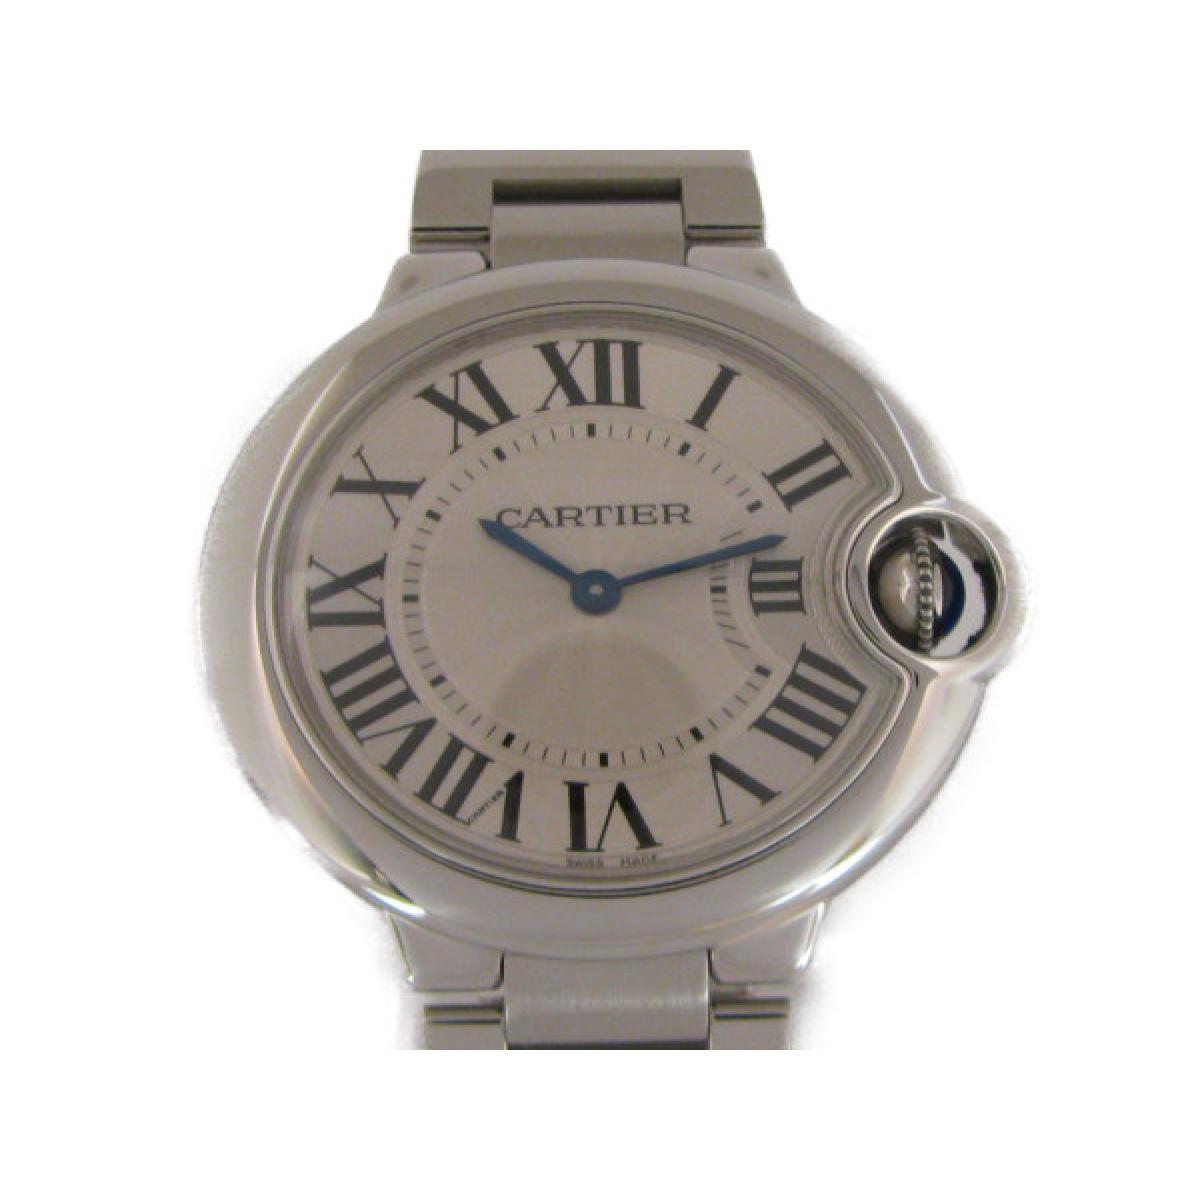 2b46465f2d カルティエ バロンブルーMM 腕時計 ウォッチ メンズ レディース ステンレススチール (SS) | Cartier クオーツ